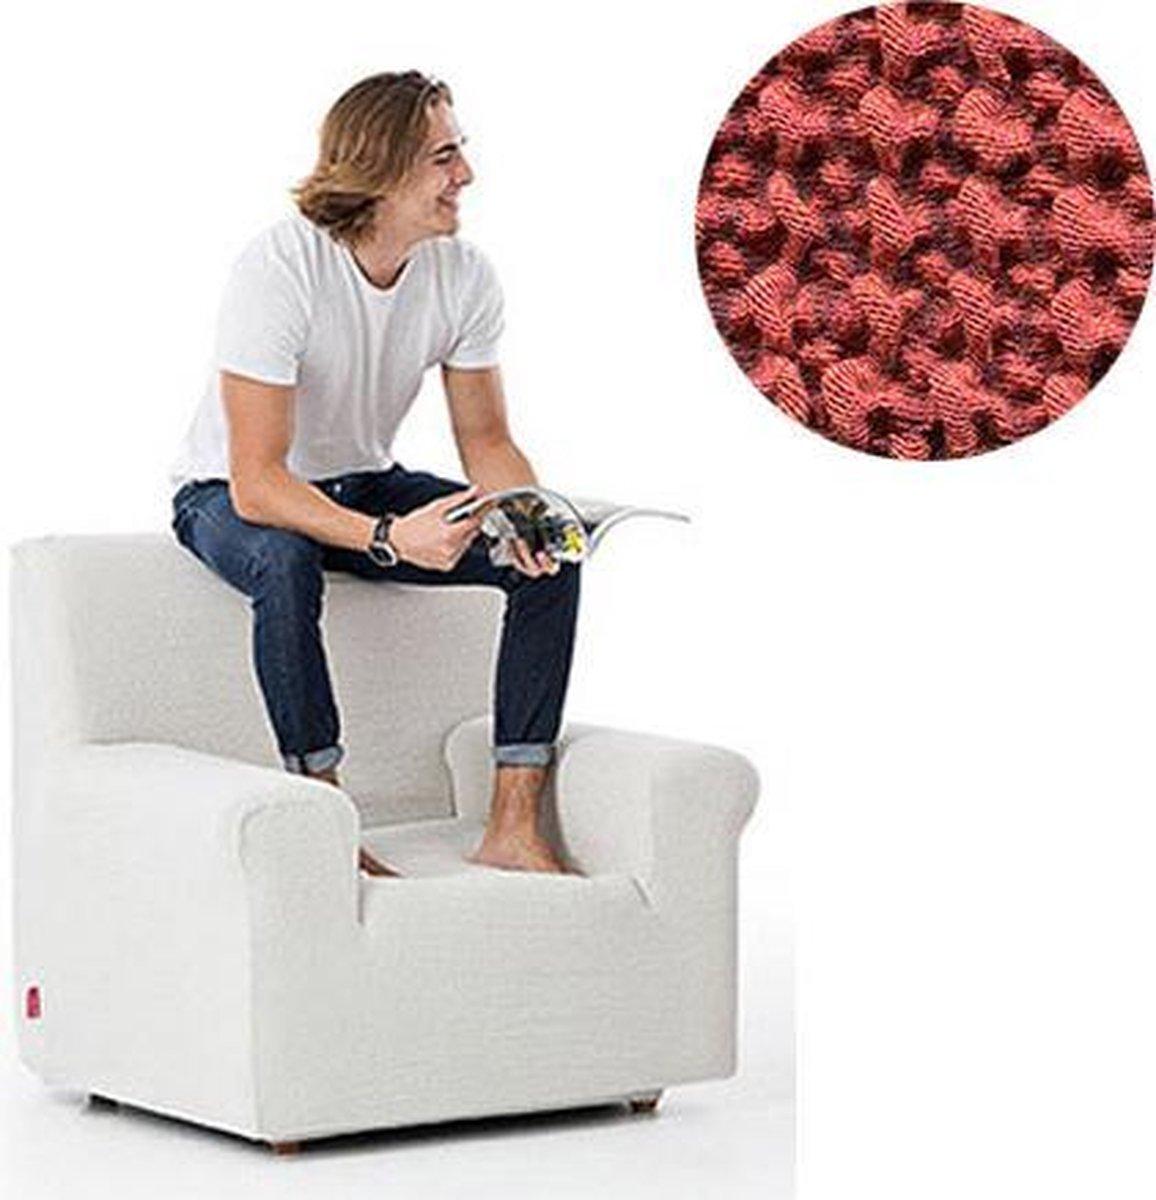 Milos meubelhoezen - Hoes voor fauteuil 70-110cm - Steenrood - Verkrijgbaar in verschillende kleuren!